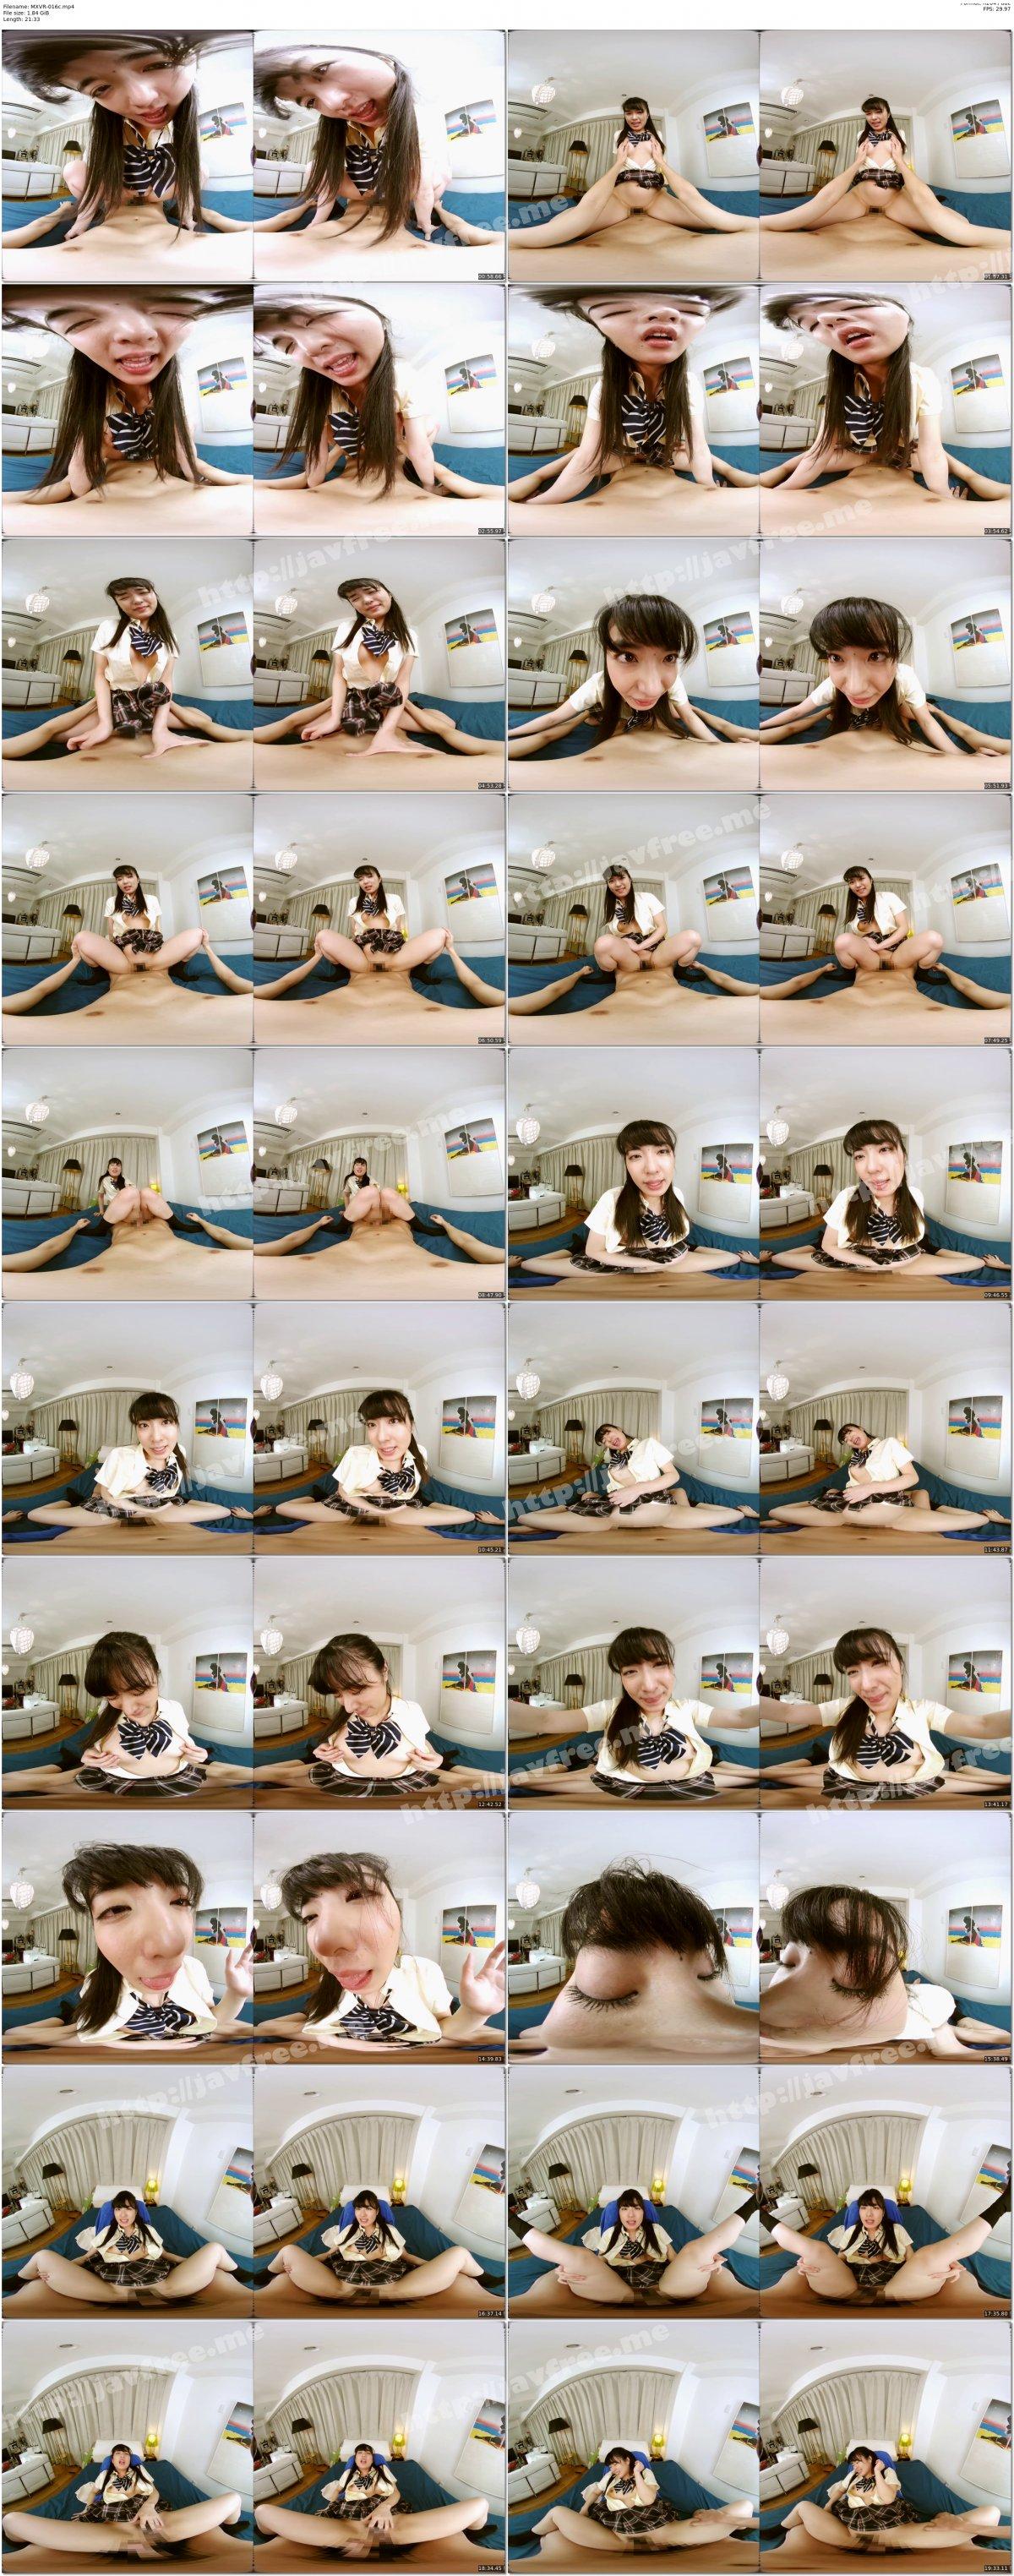 [MXVR-016] 【VR】AV女優がデリヘル譲でやってきた。~制服コスプレで恥かしそうな彼女の魅力~【由愛可奈】 - image MXVR-016c on https://javfree.me